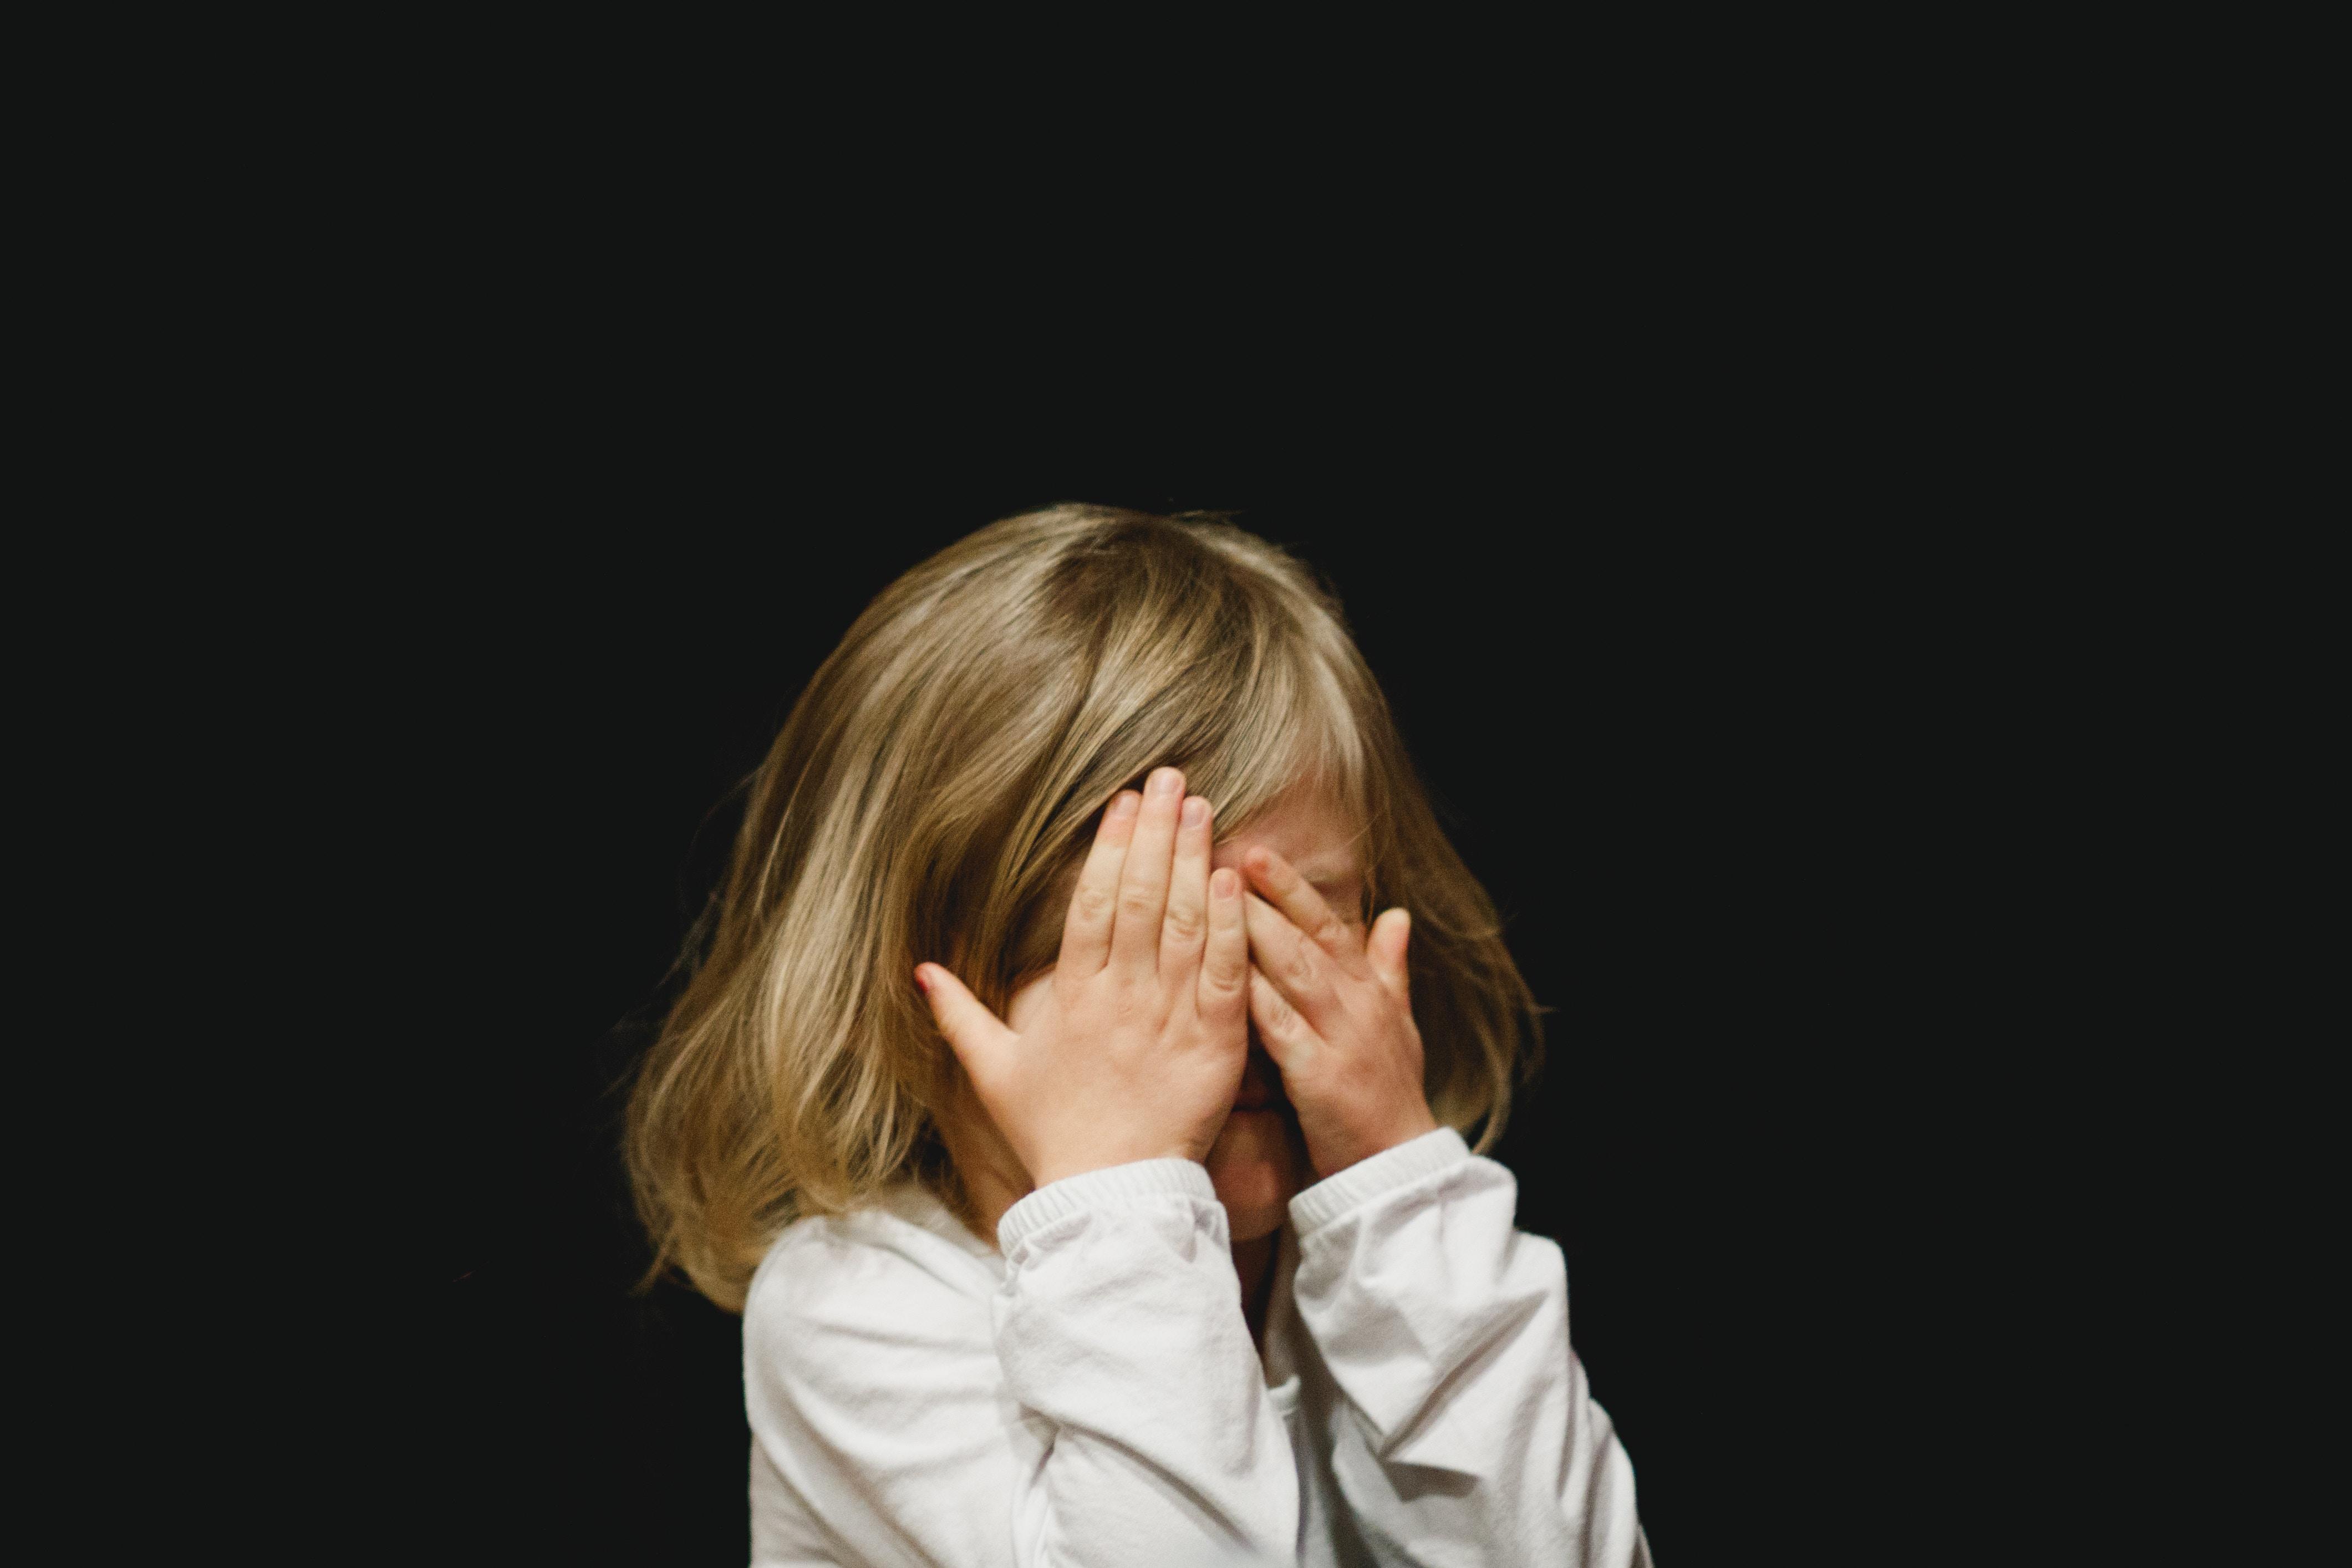 Oh nein, Läuse! Ein Kind verbirgt sein Gesicht hinter den Händen